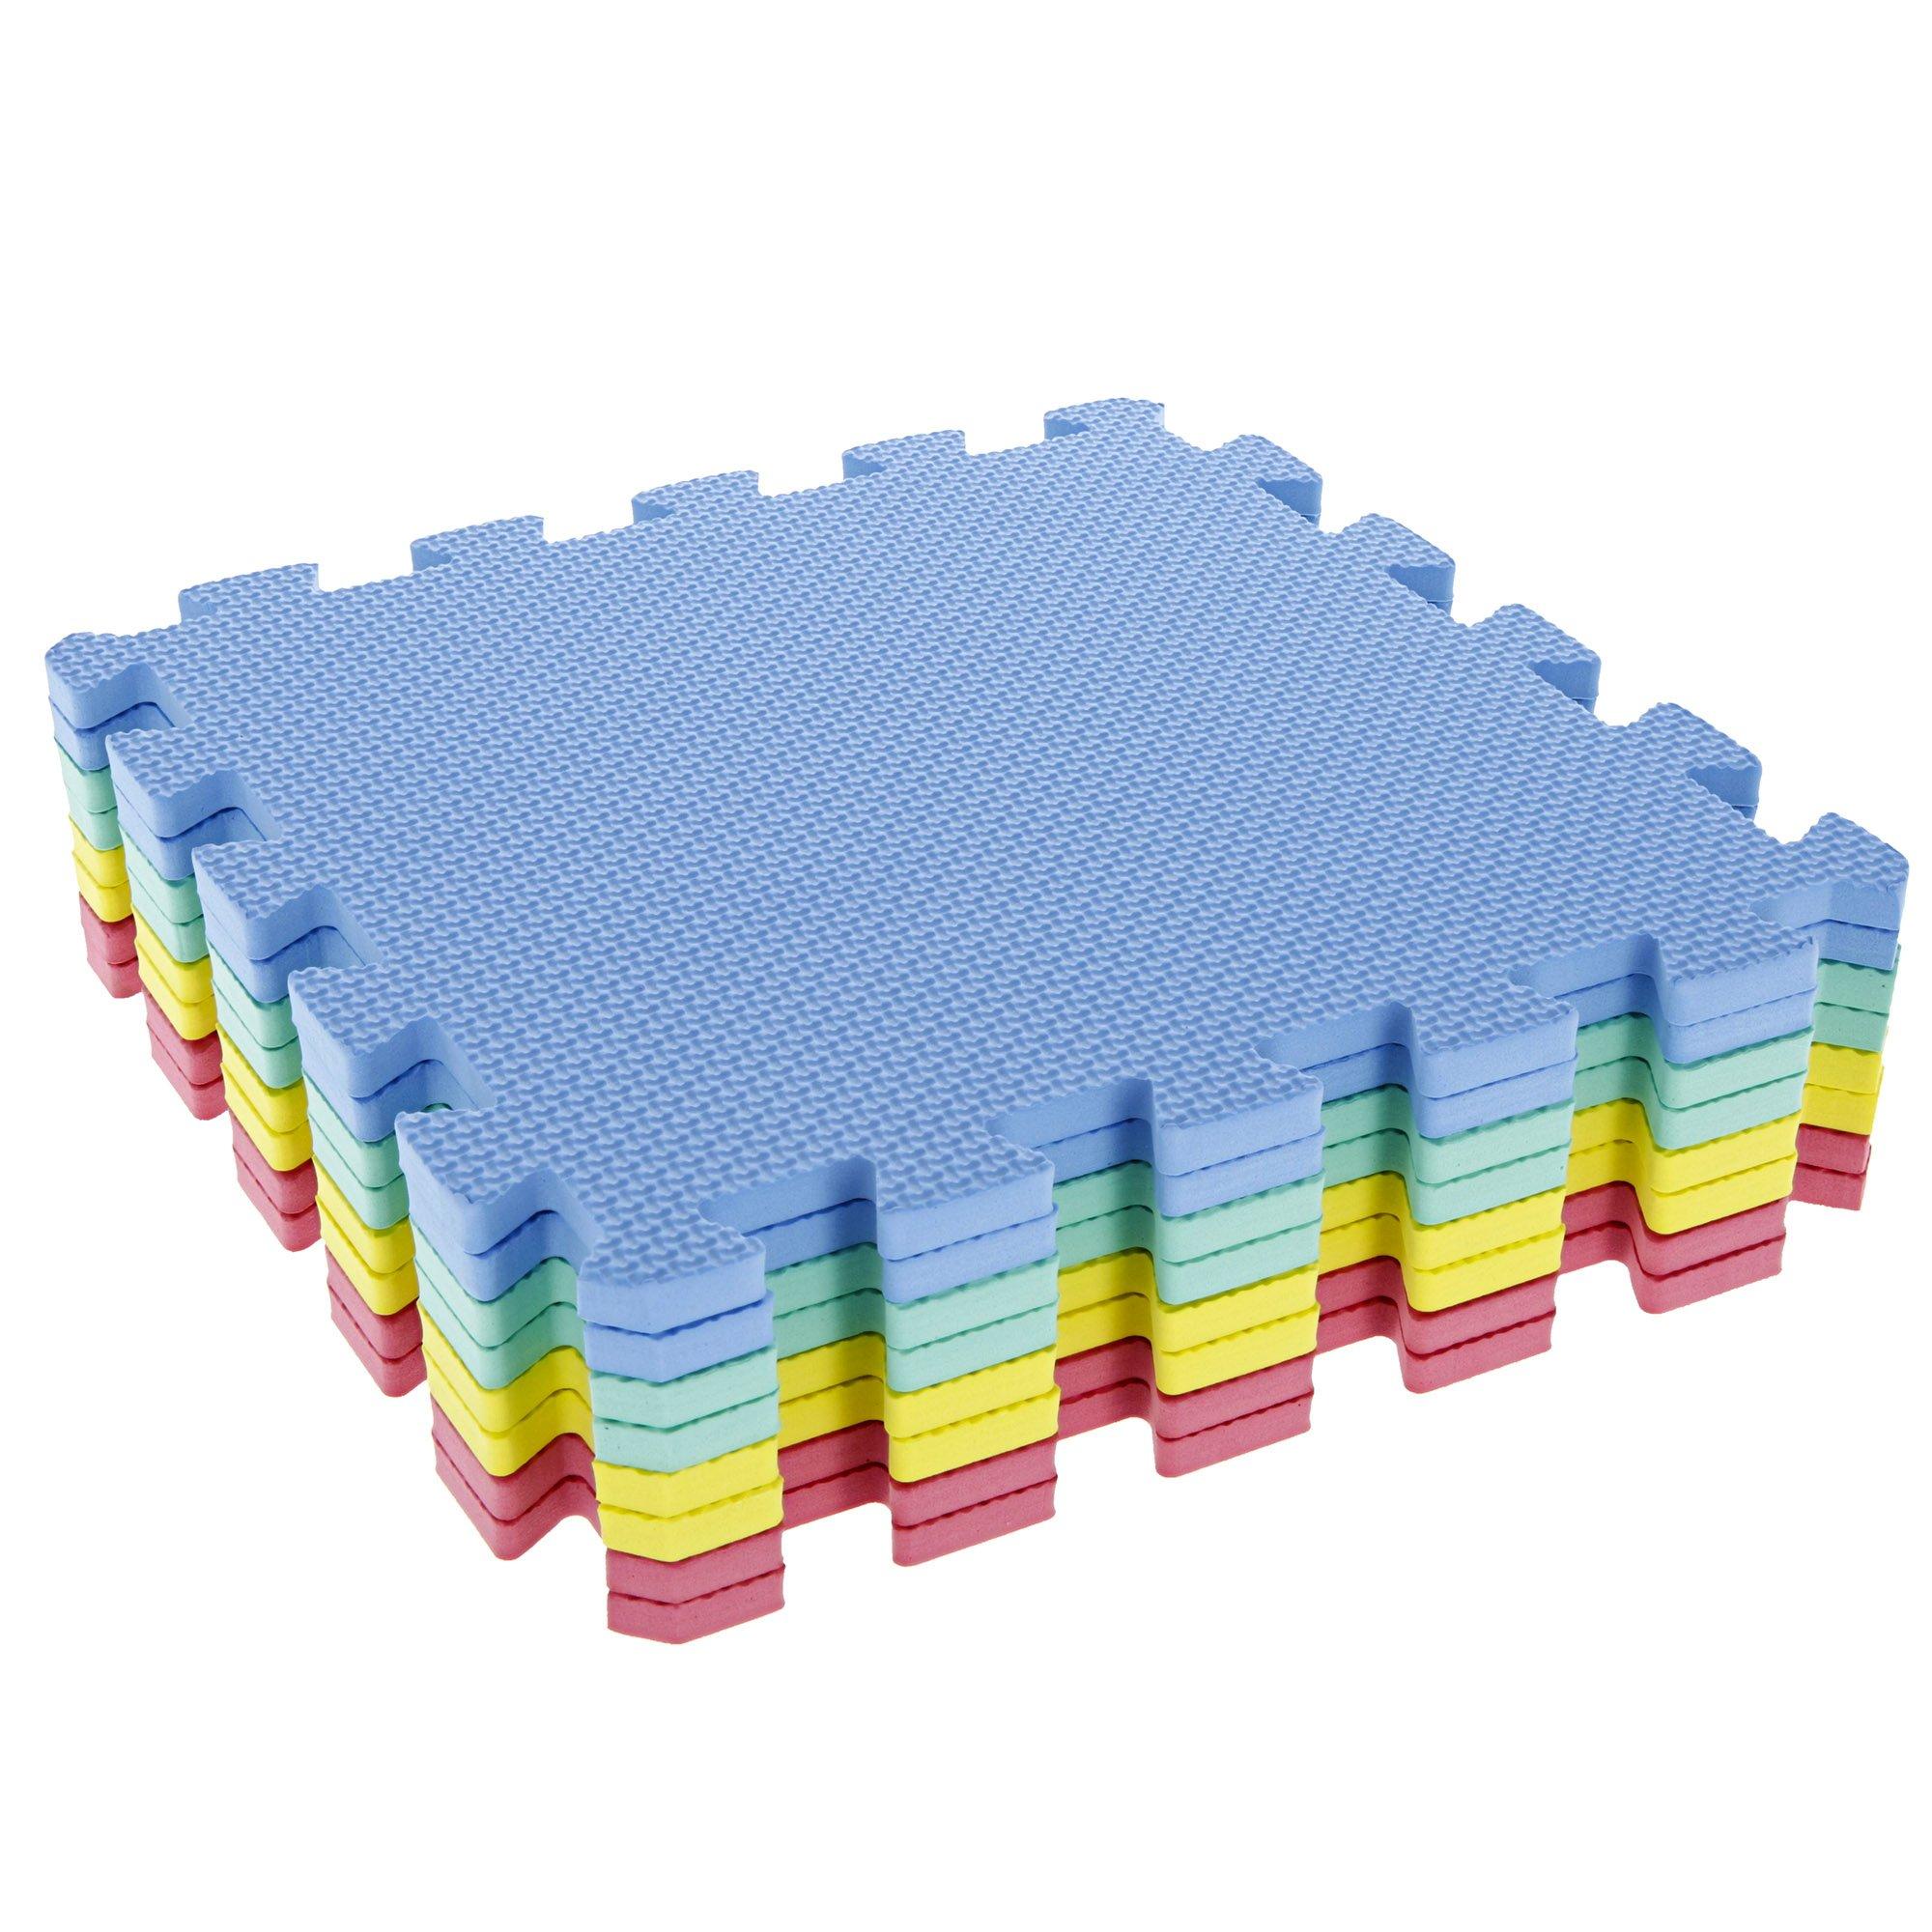 Stalwart Foam Mat Floor Tiles, Interlocking EVA Foam Padding by Stalwart (Image #3)